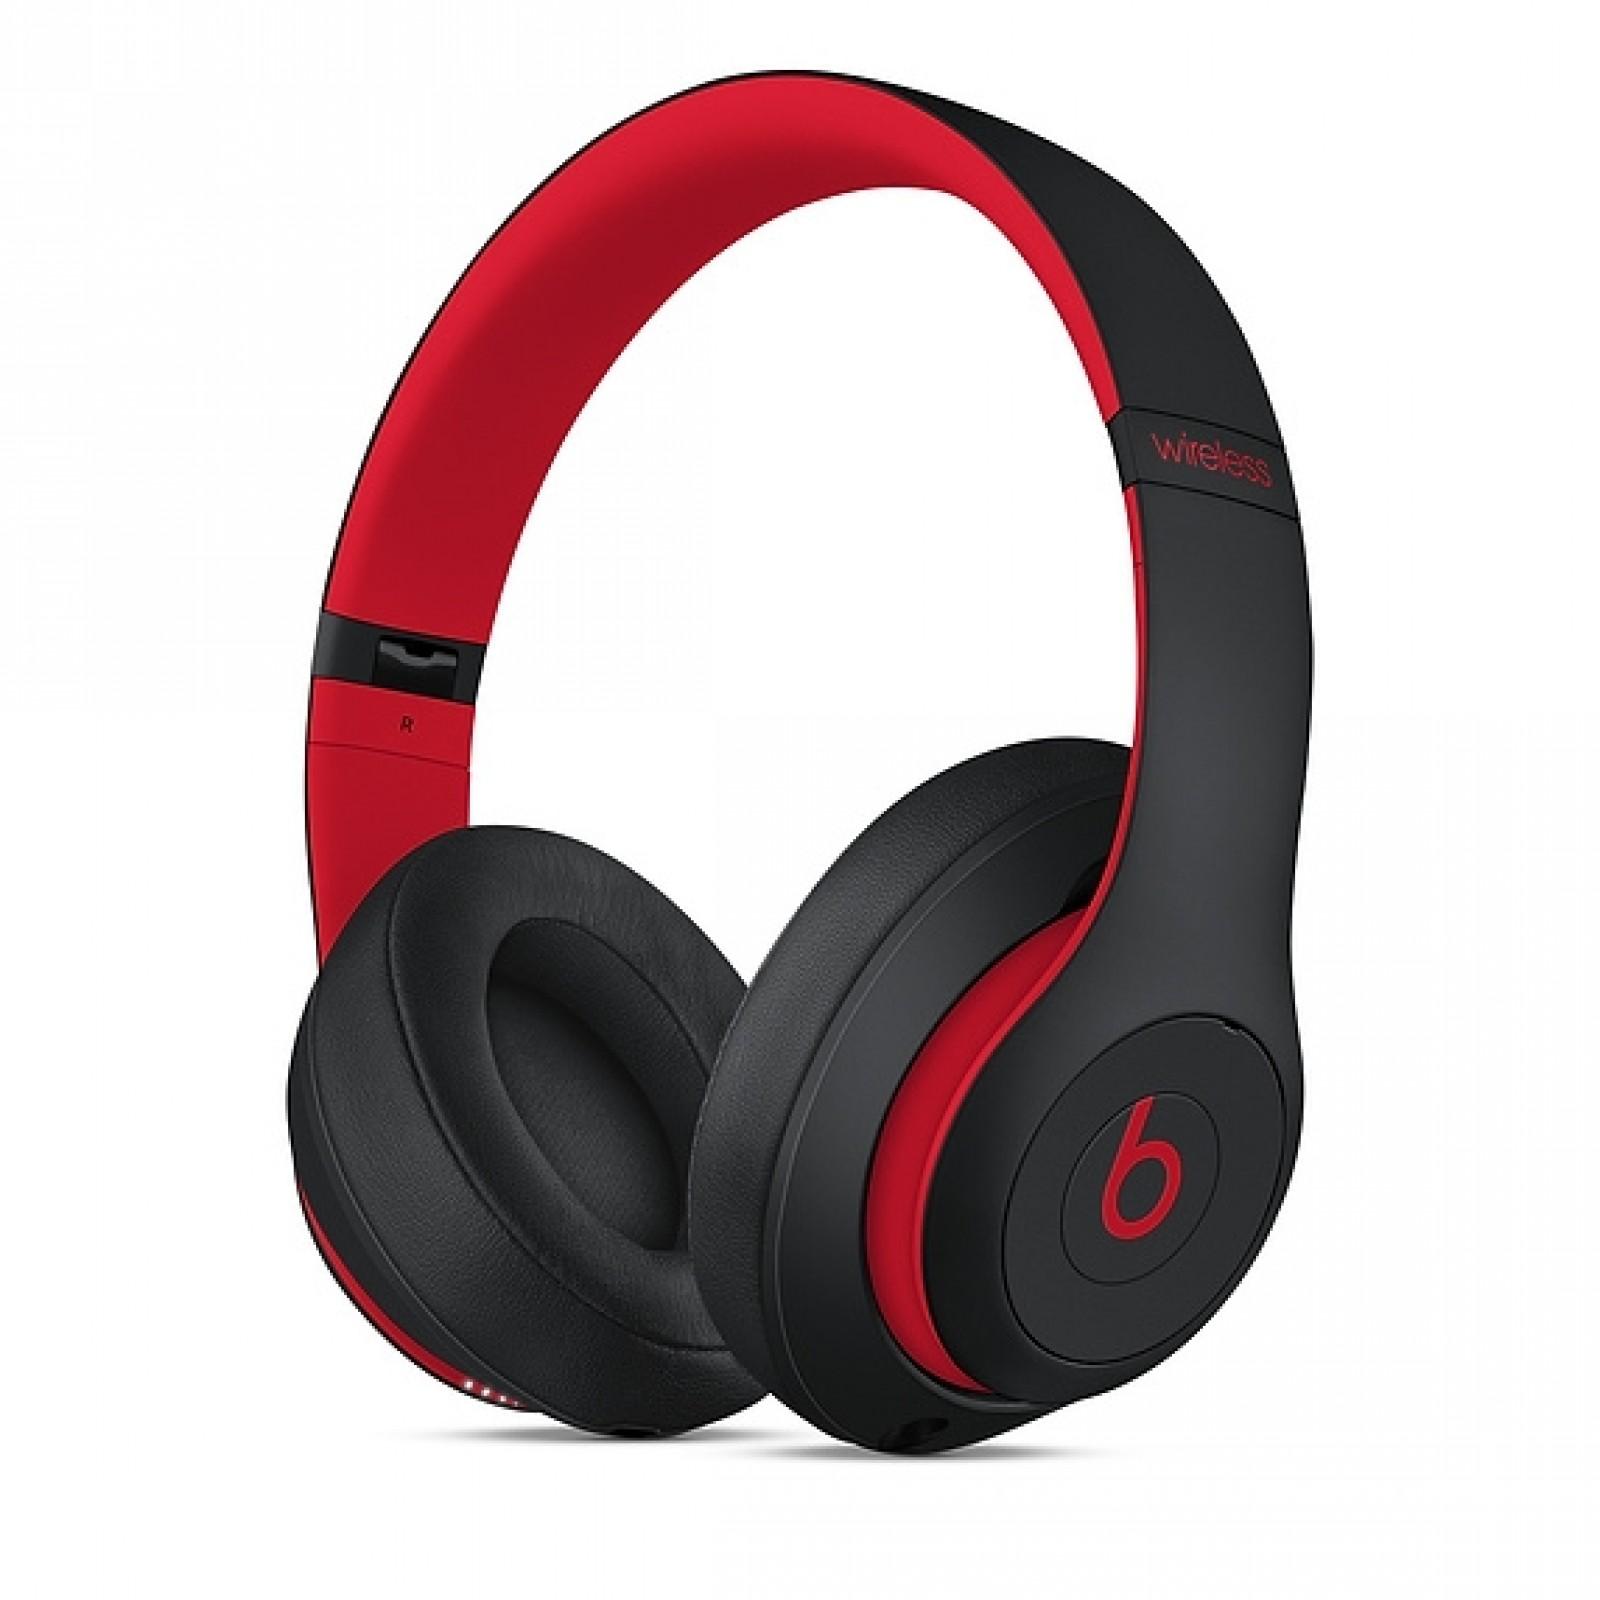 Beats Studio 3 Wireless Headphones - Beats Decade Collection - Defiant Black Red